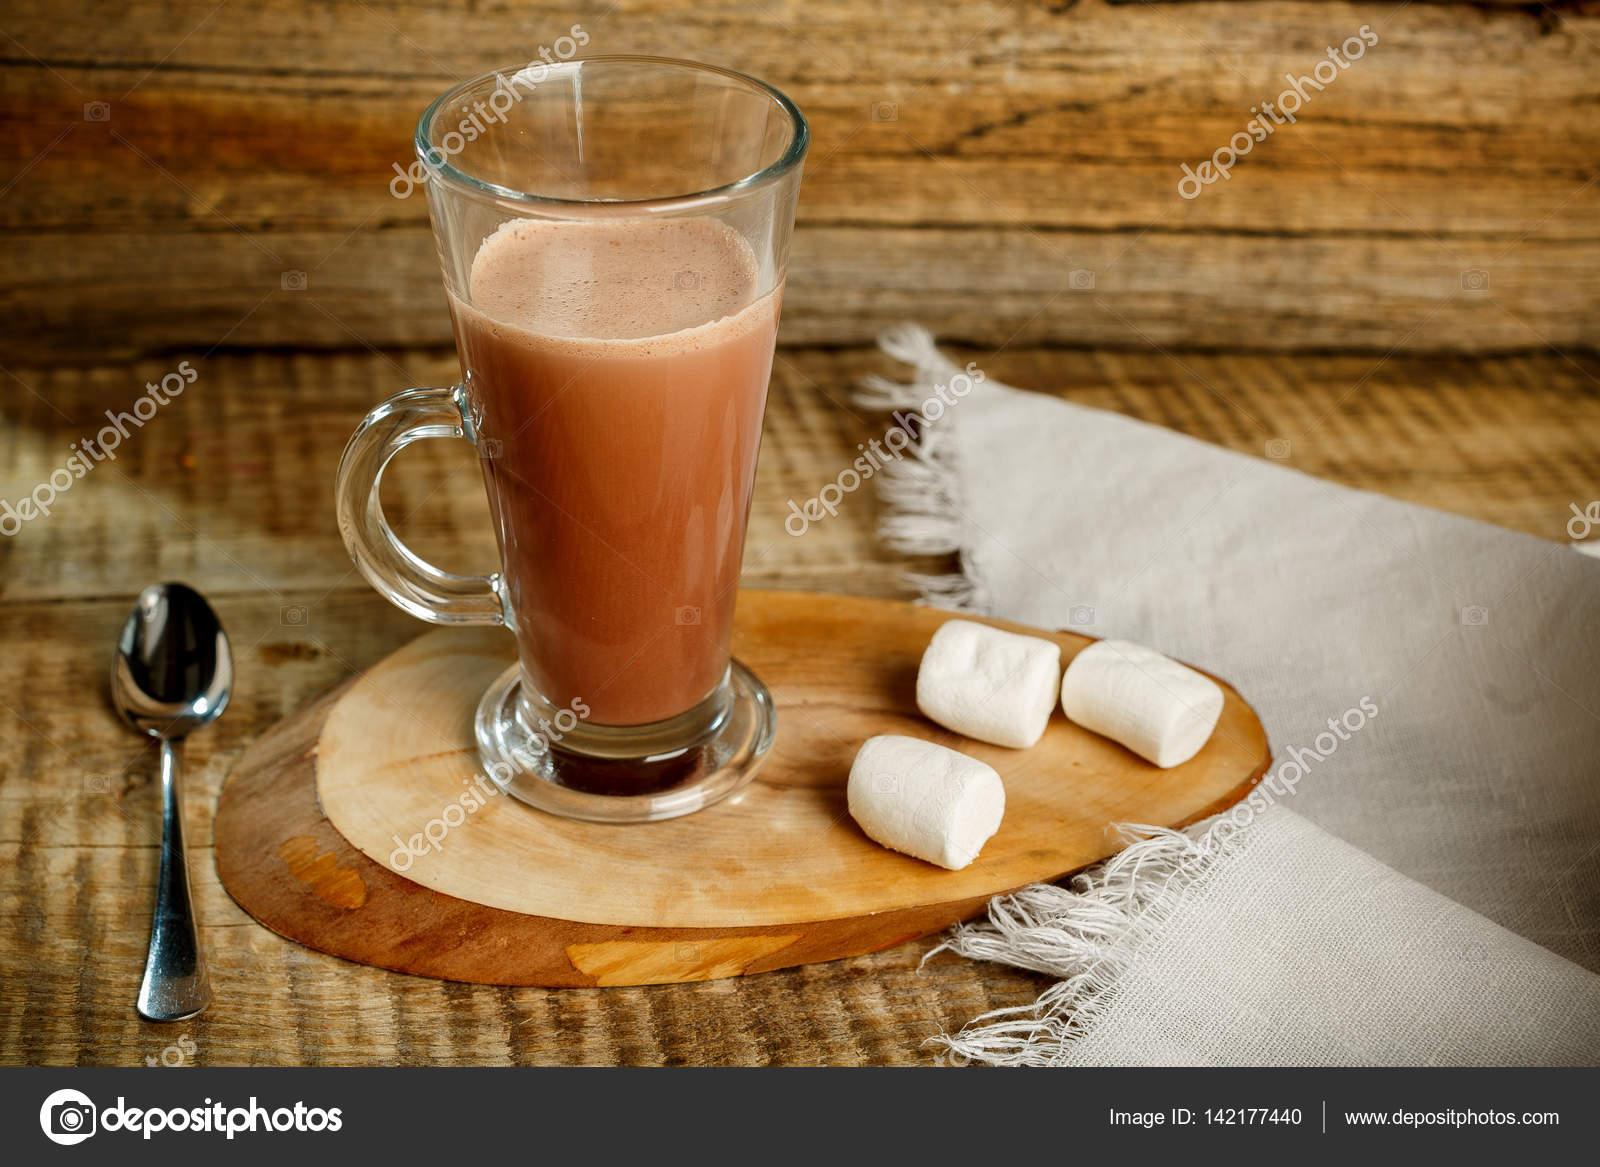 Kaffee Mit Milch Isoliert Auf Hölzernen Hintergrund Mit Löffel Und